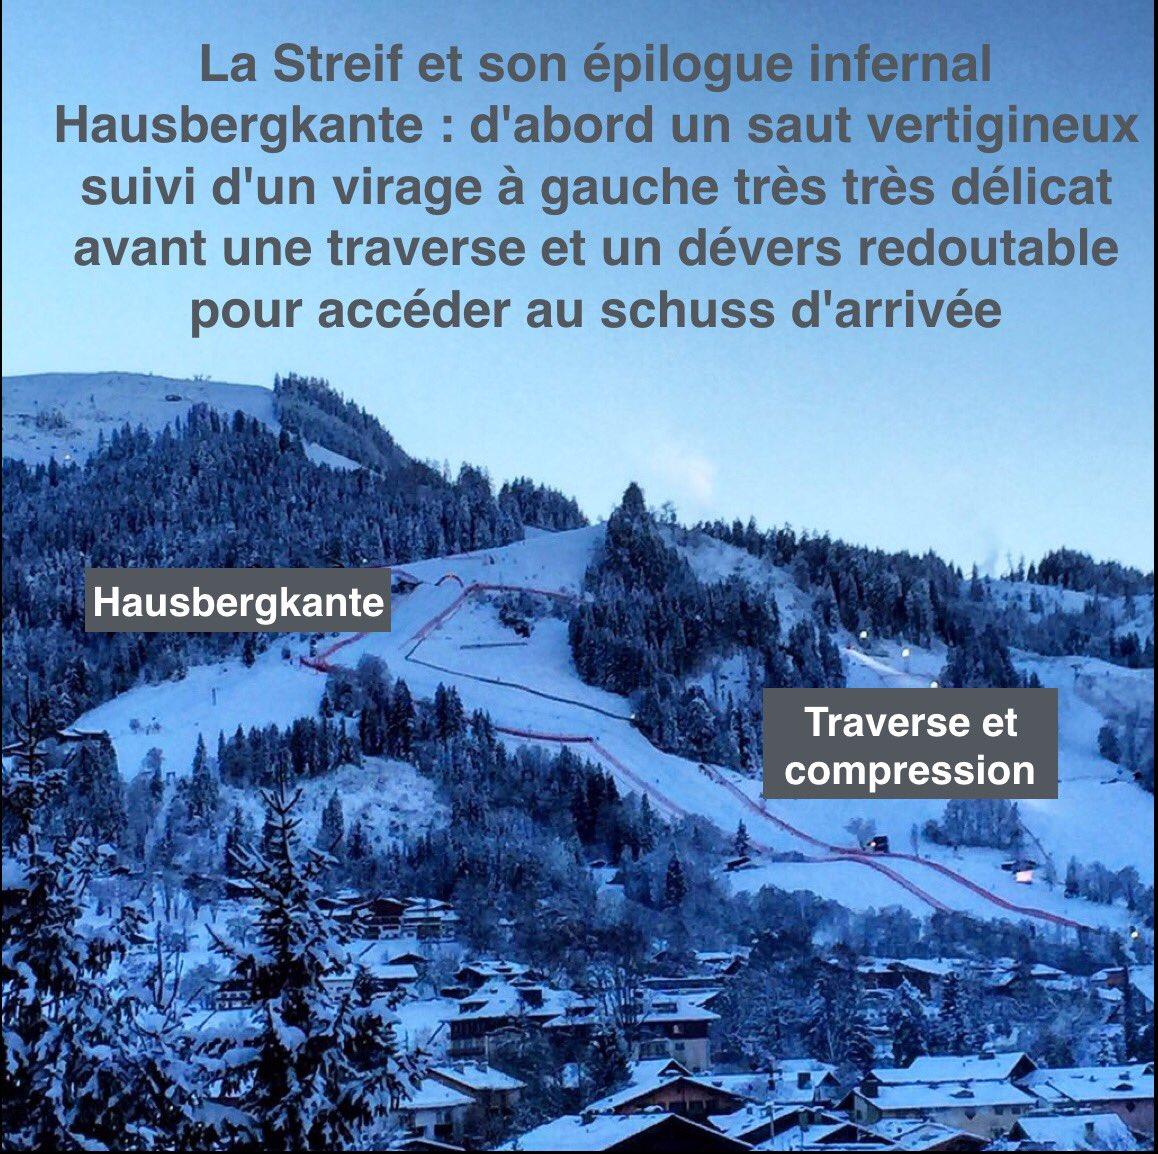 Le topic du ski et des sports d'hiver saison 2015-2016 V2 - Page 17 ChRCu9eWIAAbkQq